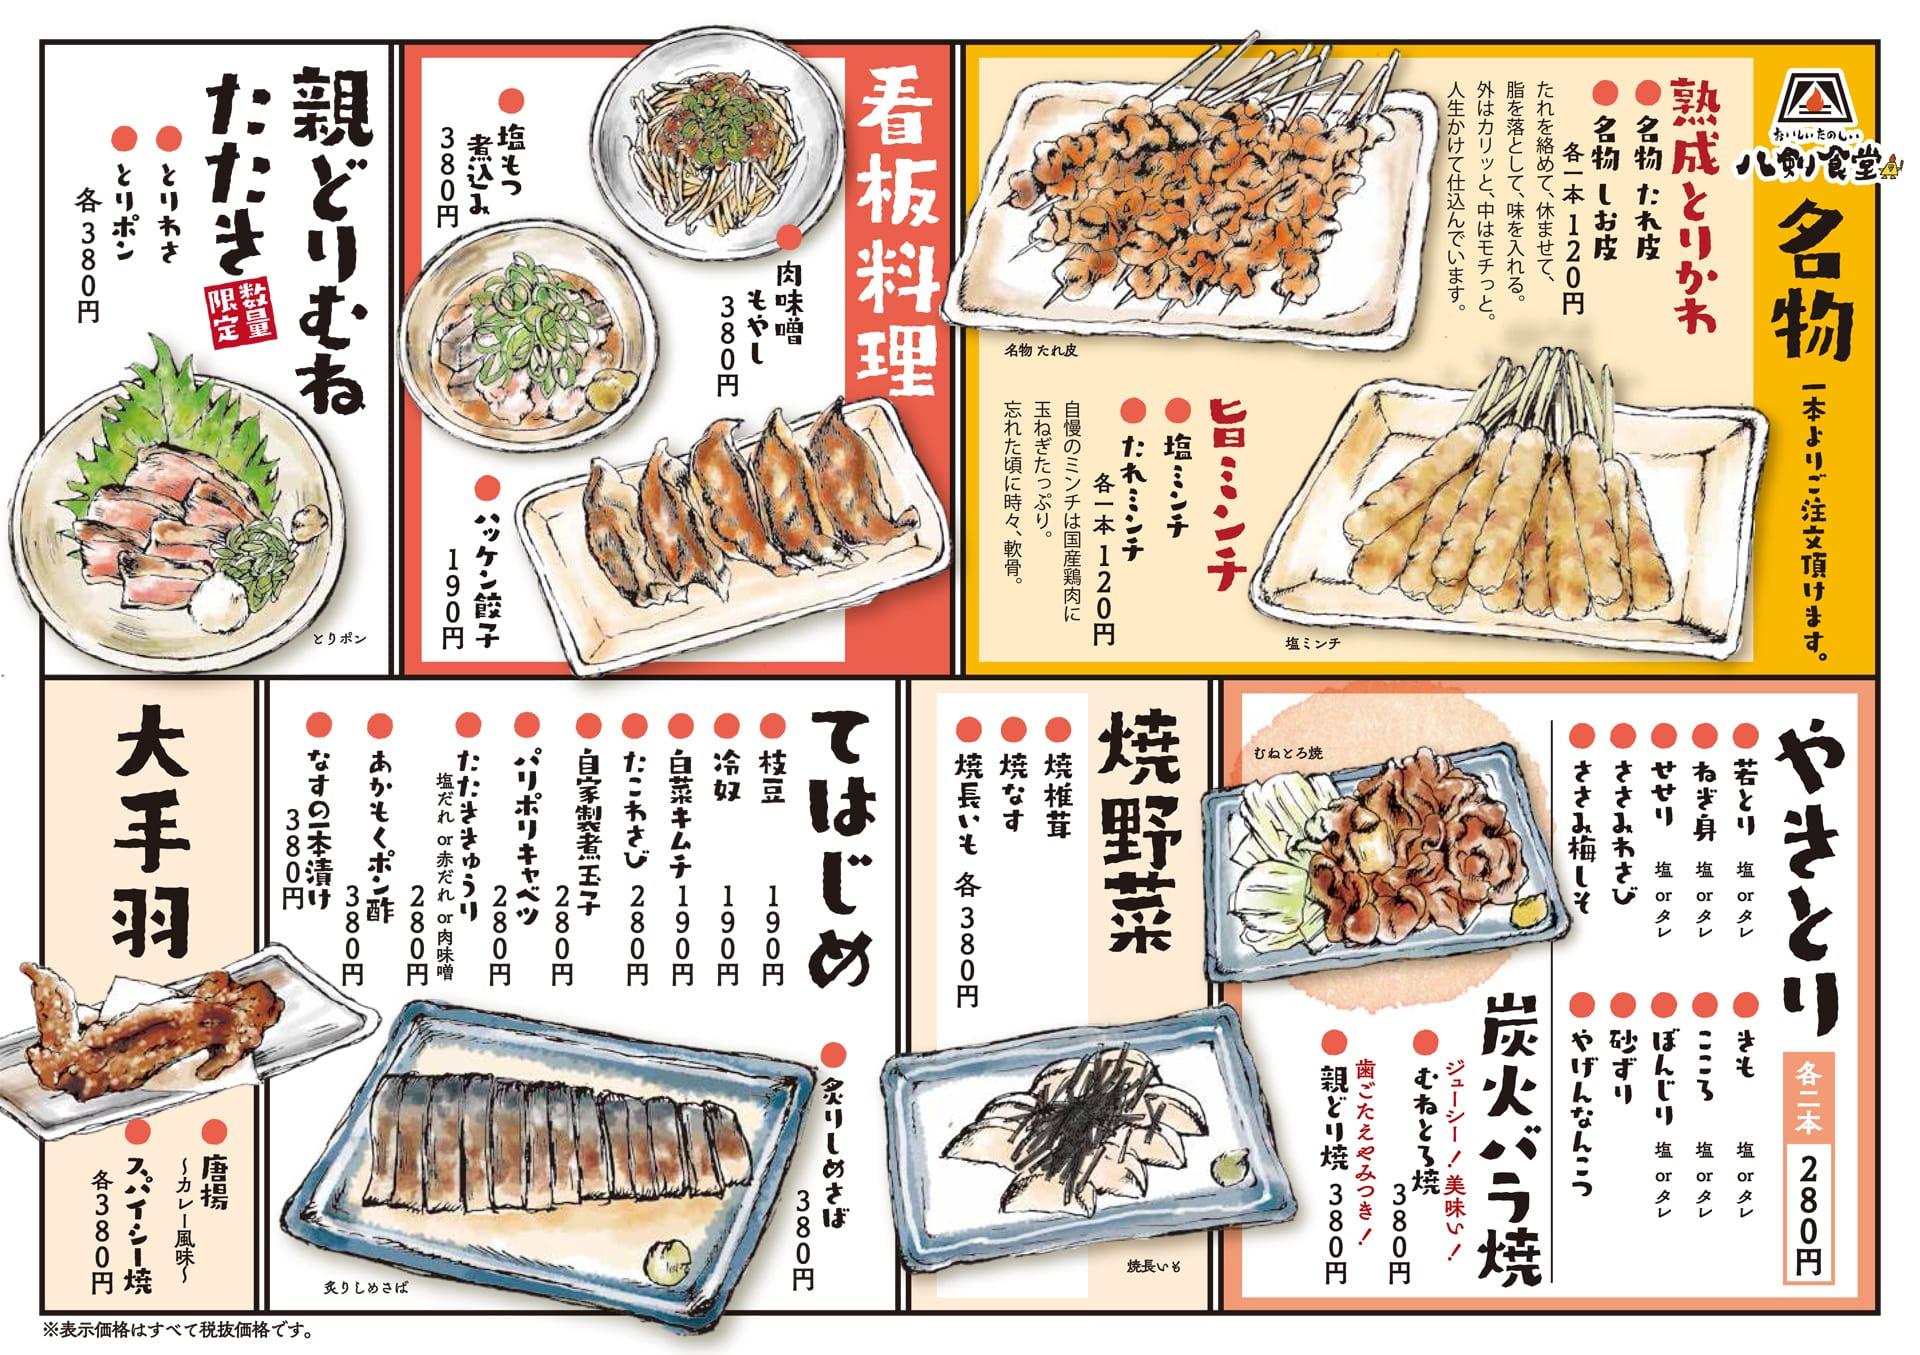 八剣食堂 メニュー1